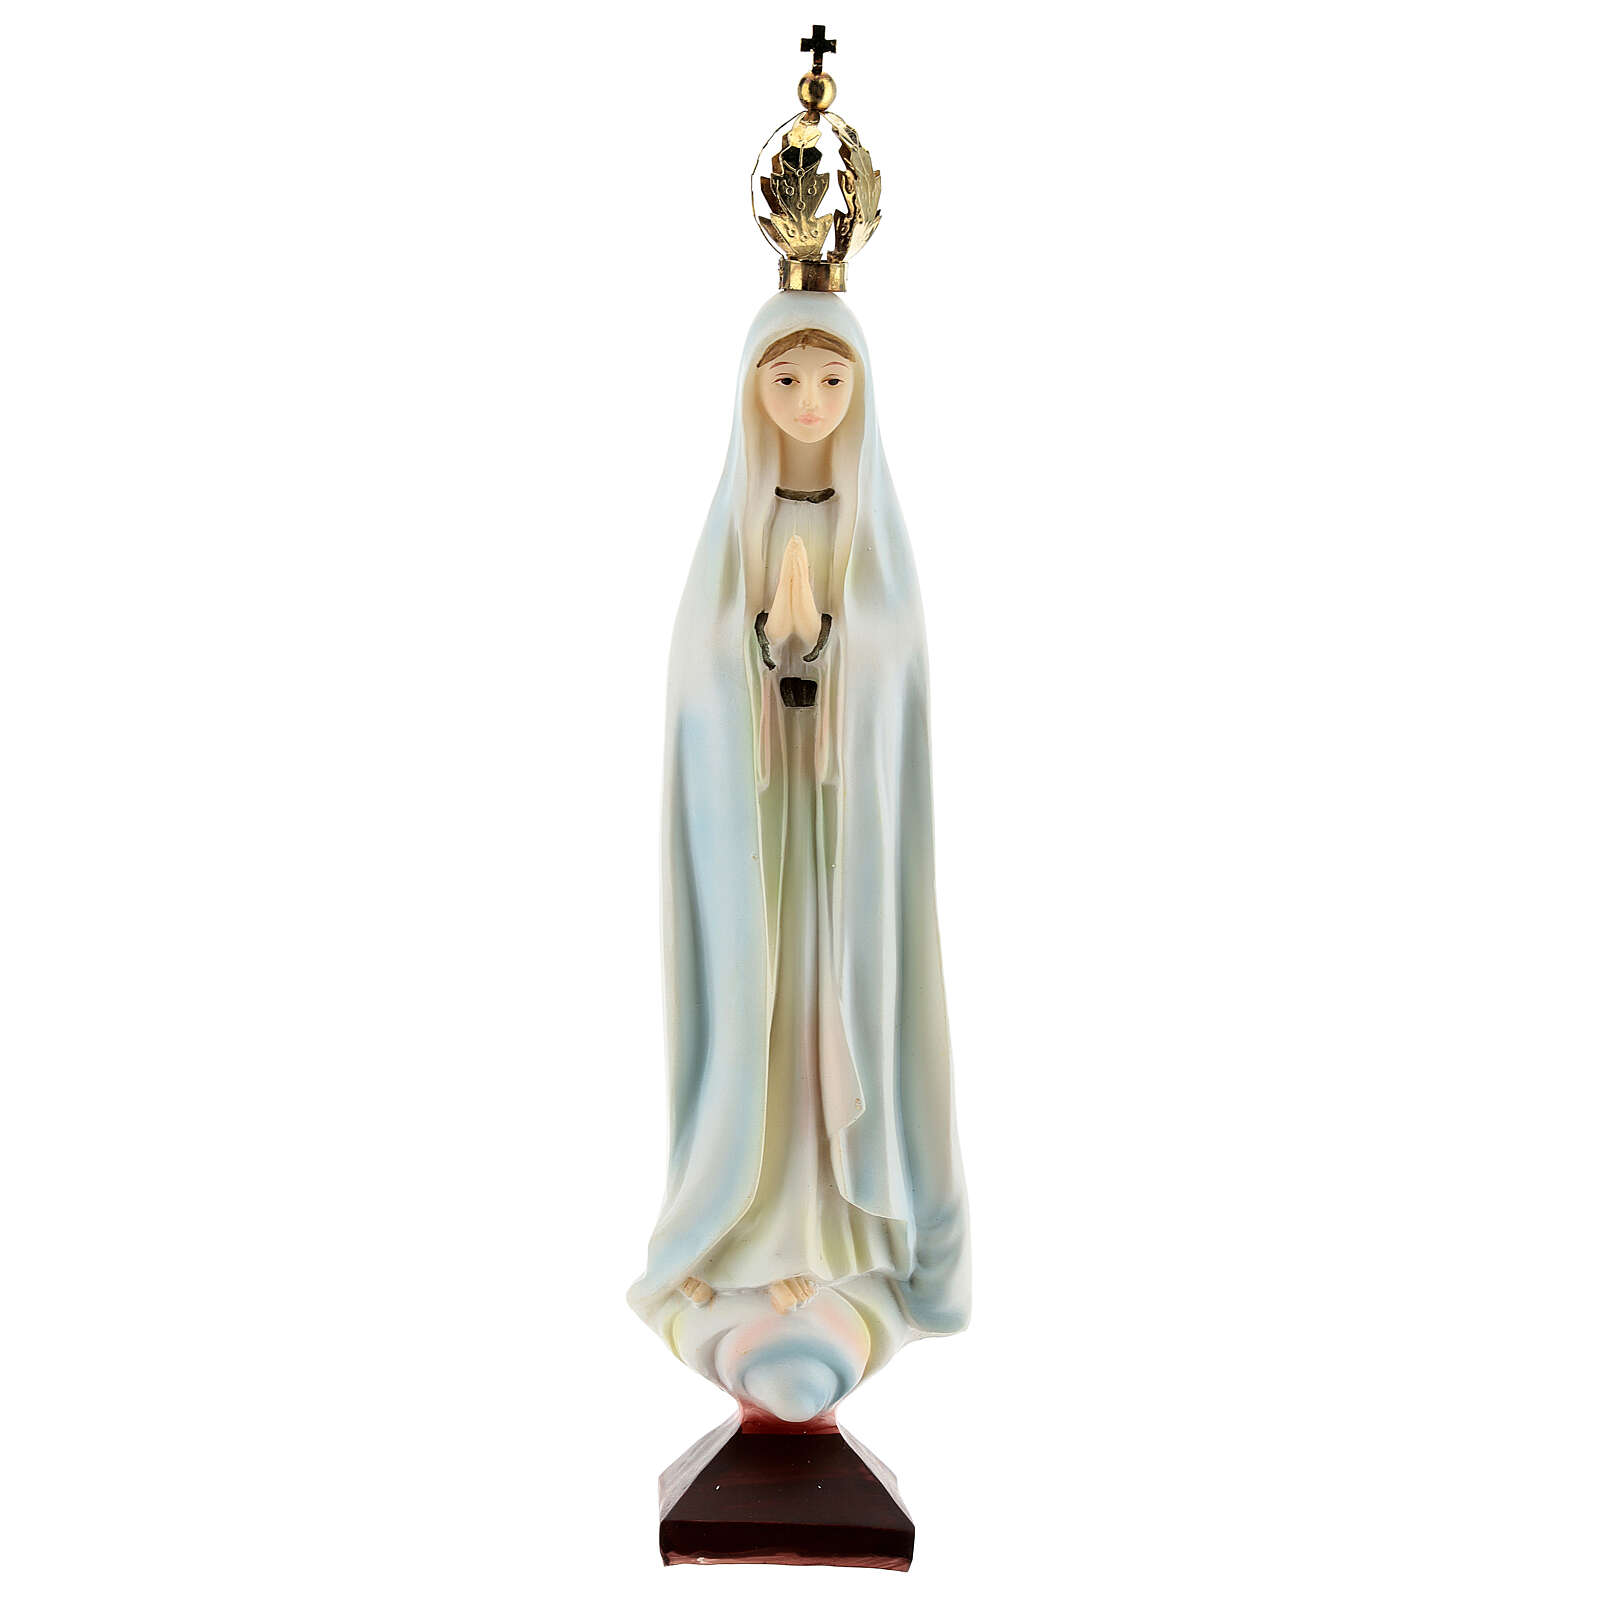 Virgen Fátima corona dorada estatua resina 20 cm 4